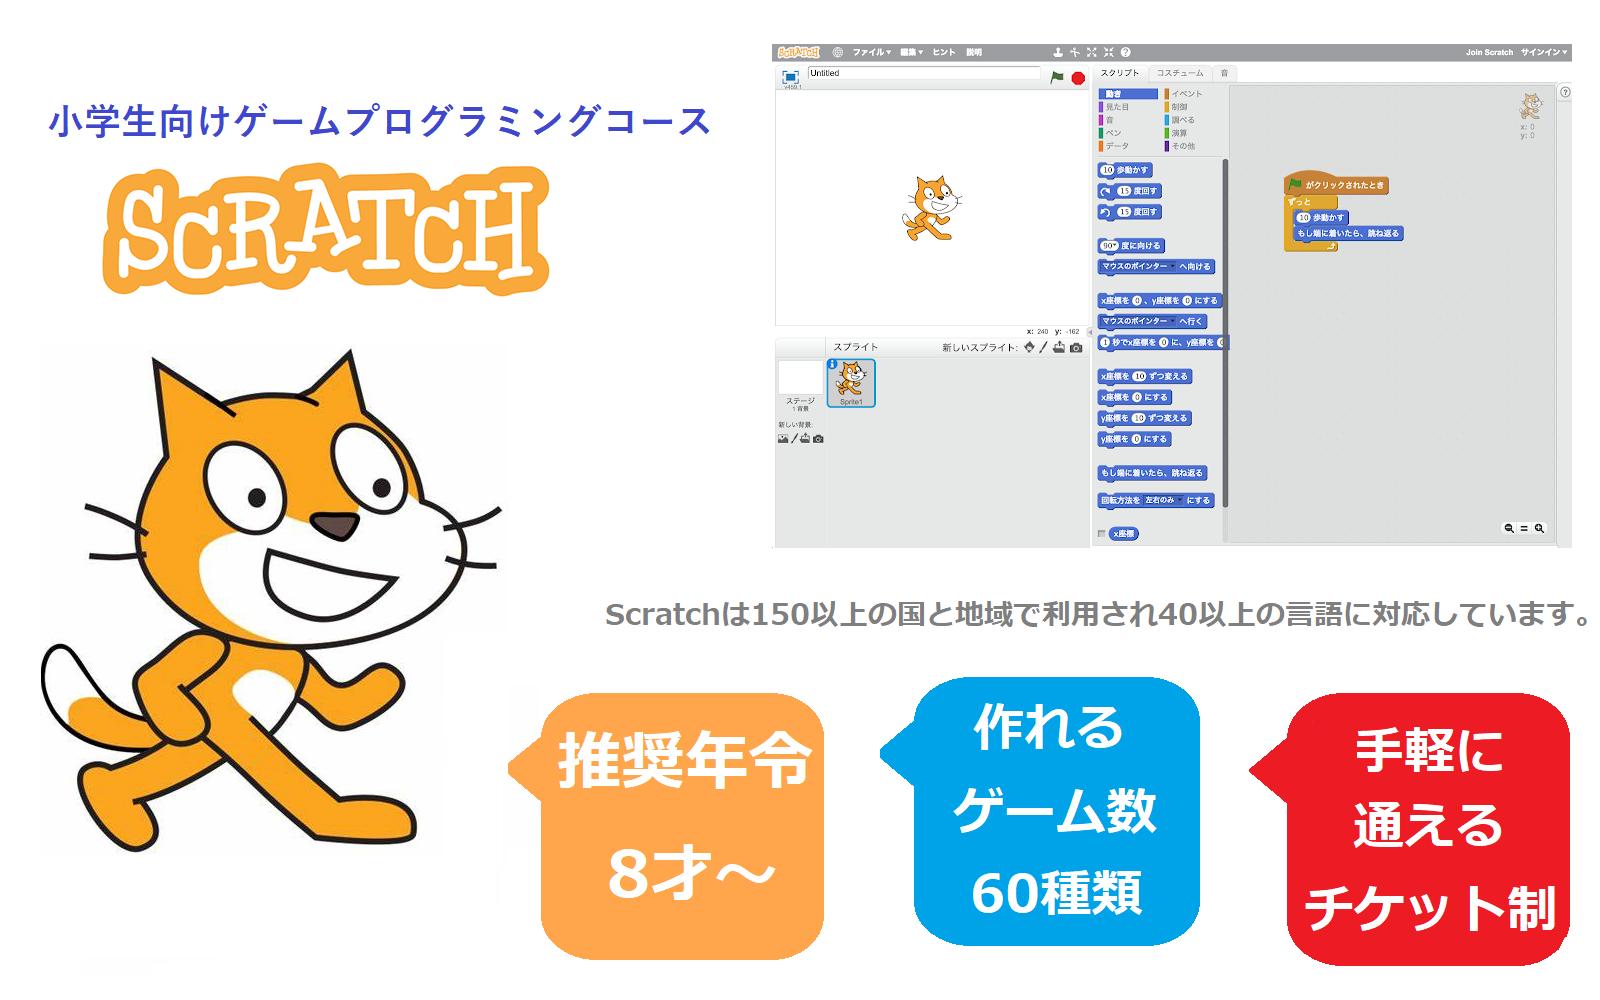 八尾市光町にあるScratchゲームプログラミングコース